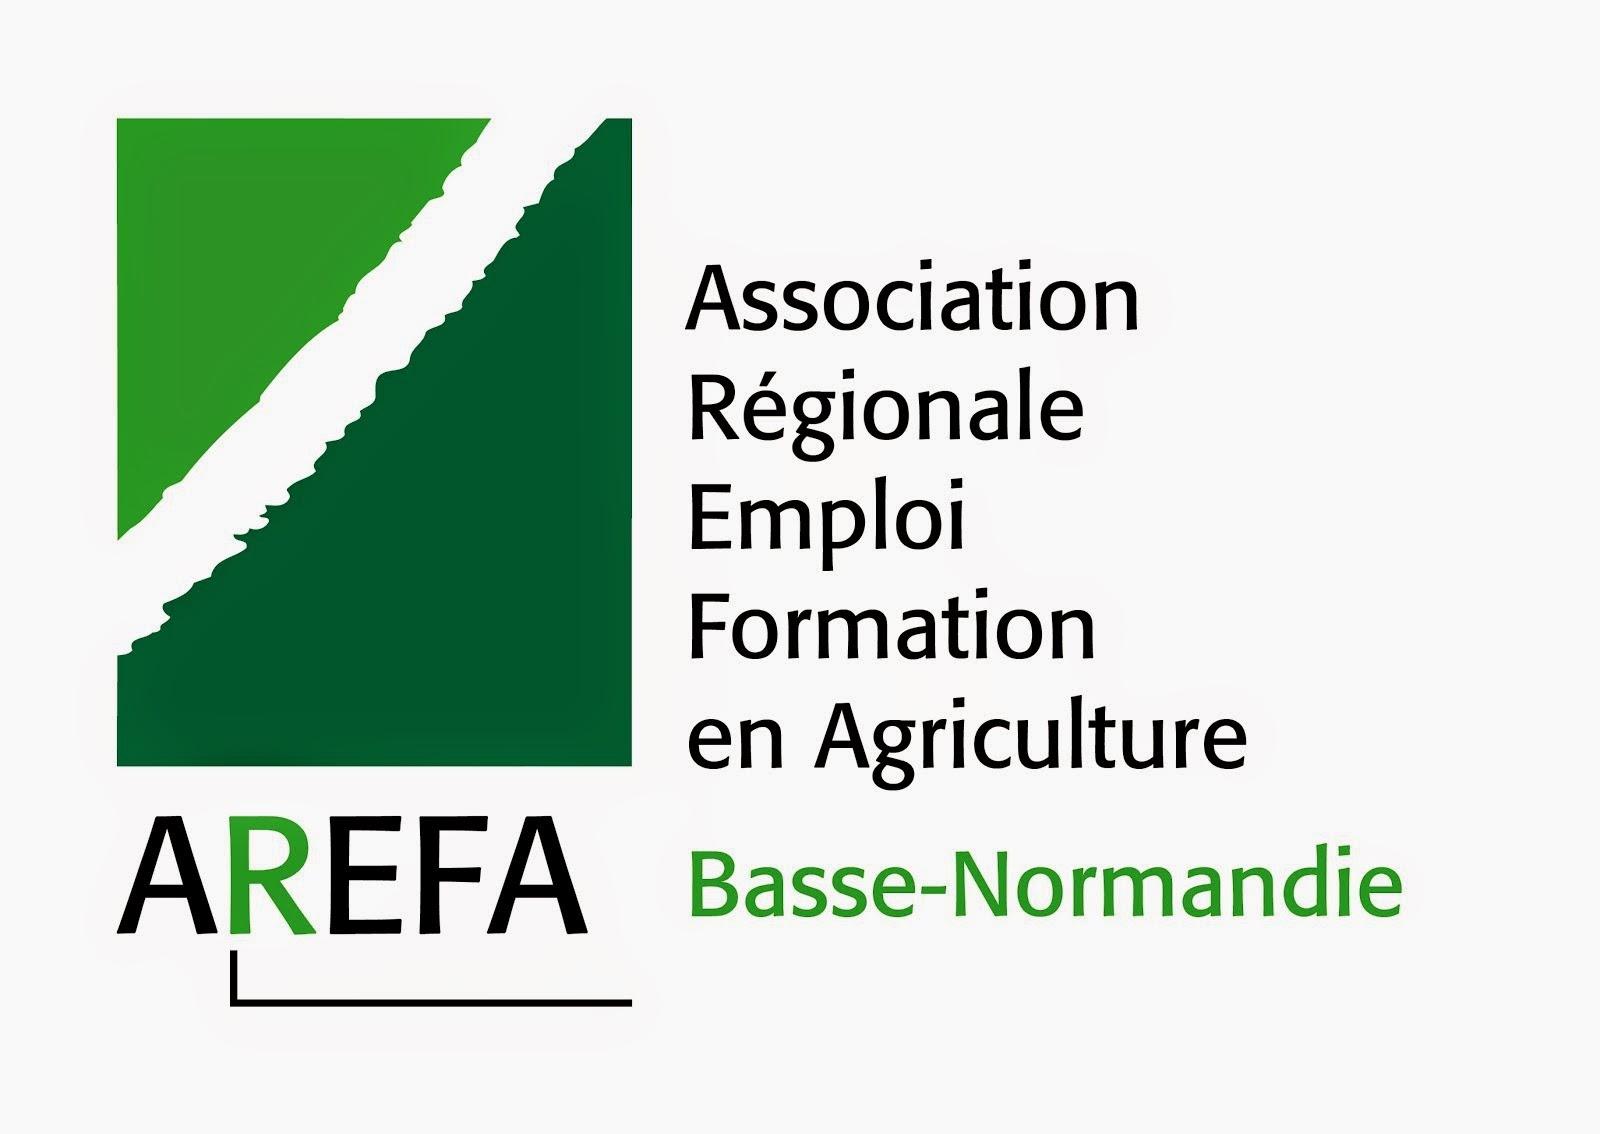 normandie emploi agriculture   production  entreprise